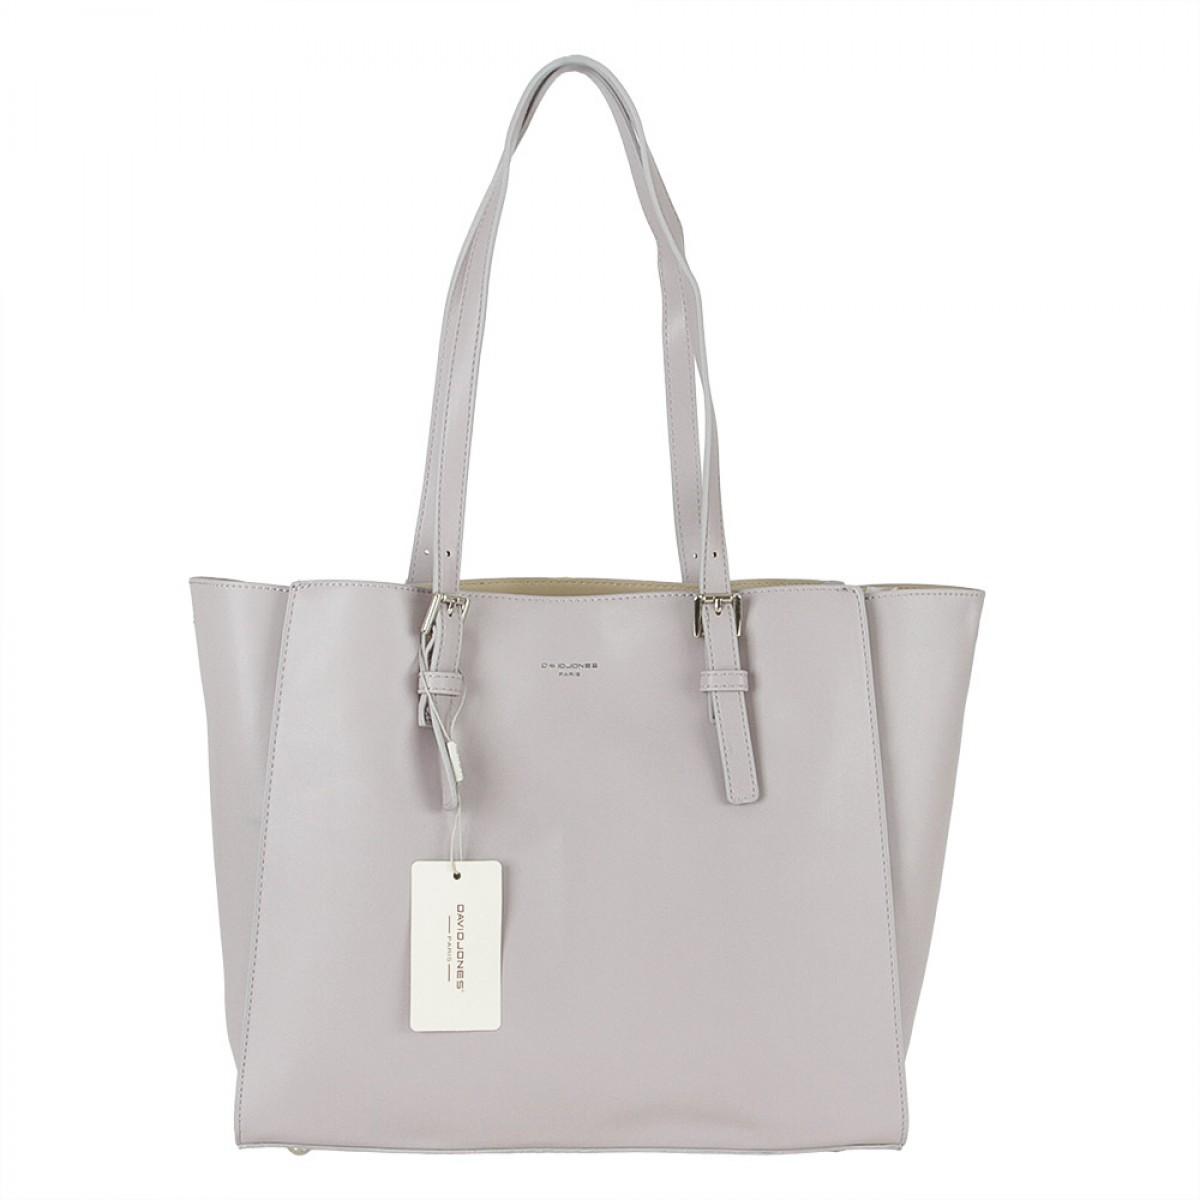 Жіноча сумка David Jones CM5649 PALE PURPLE